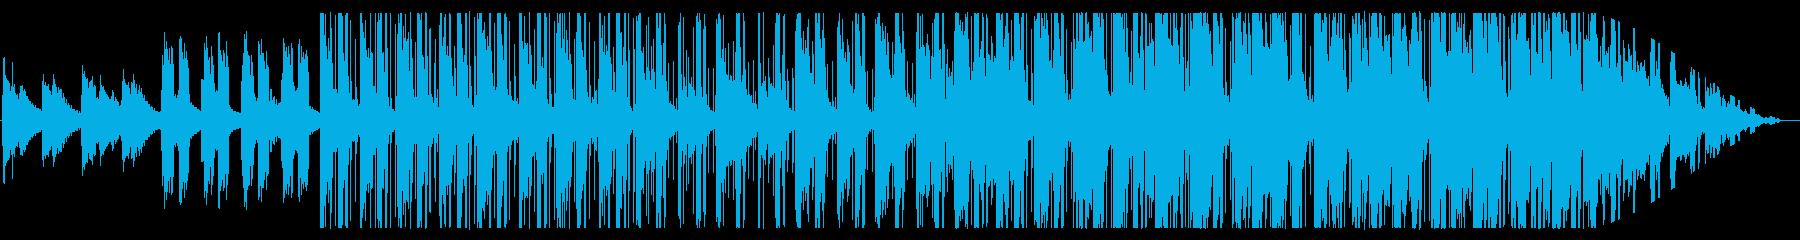 冬/チル/R&B_No517の再生済みの波形